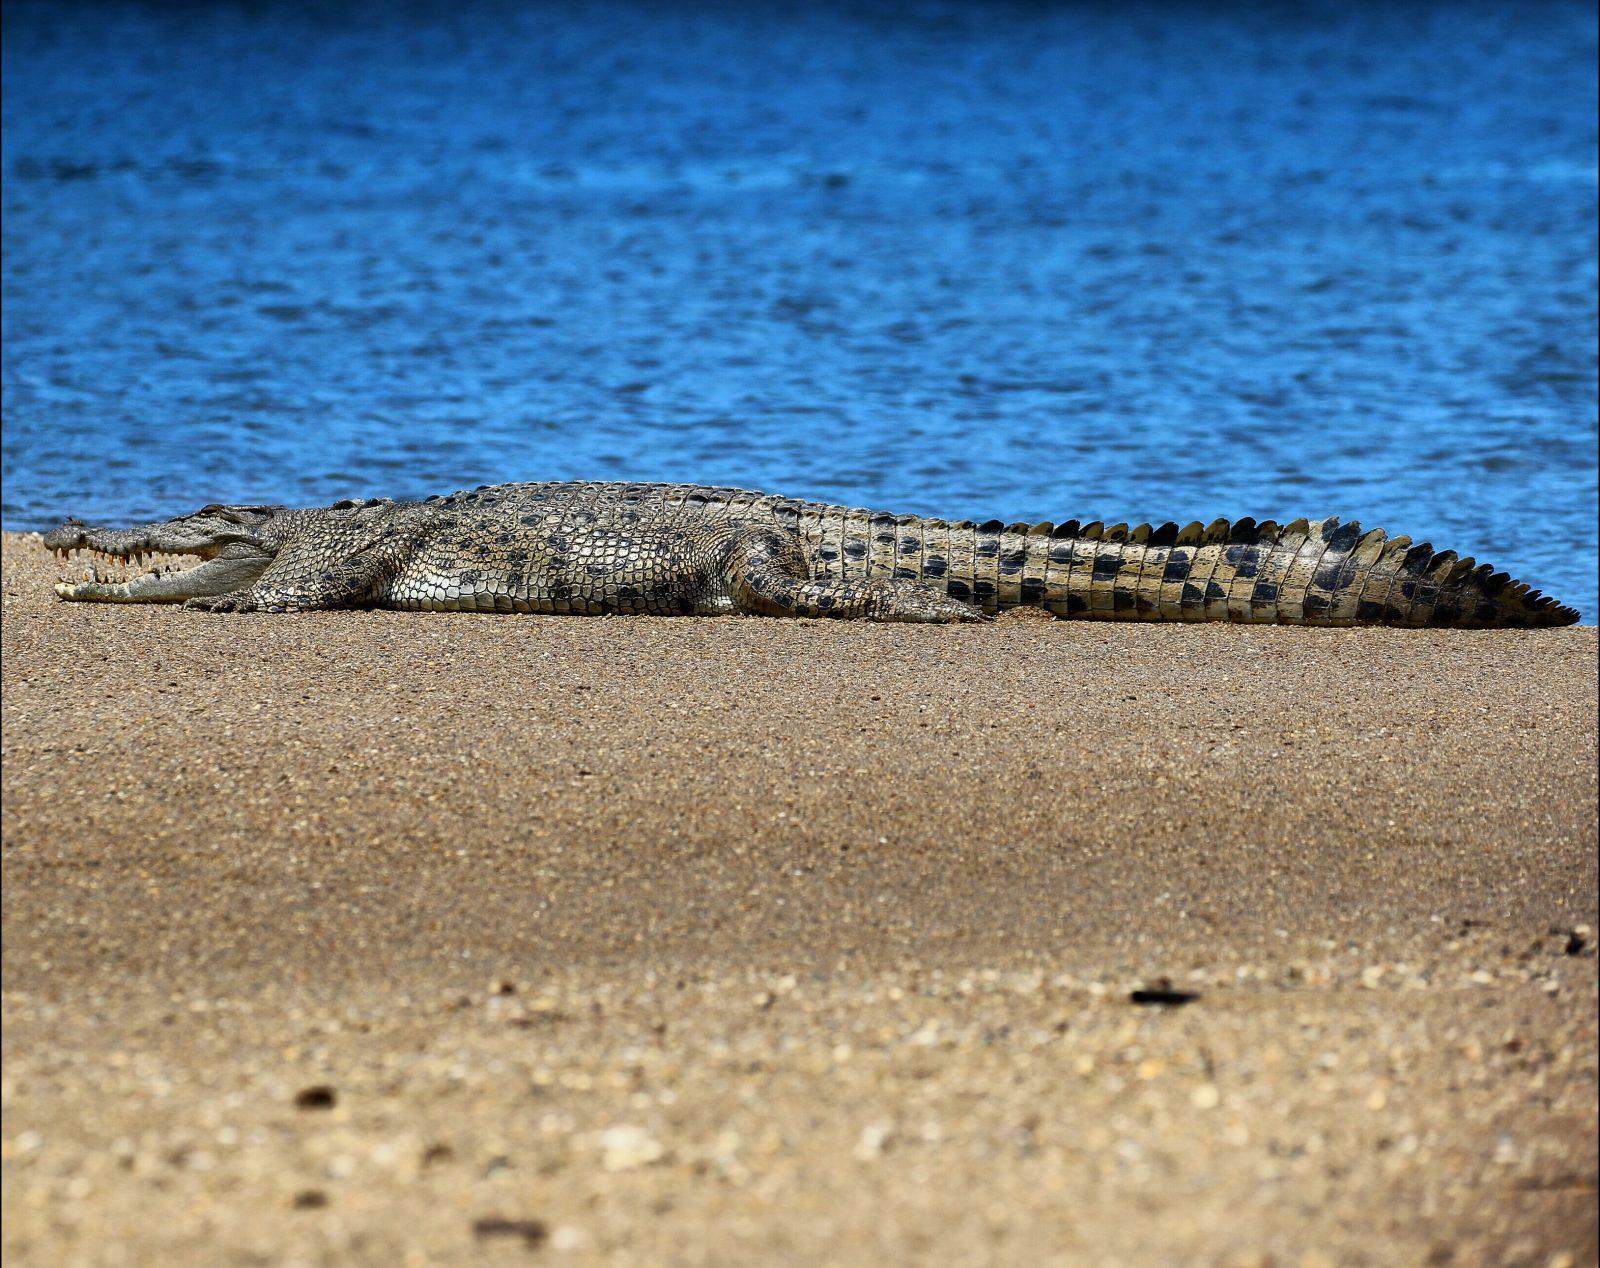 Croc on a beach